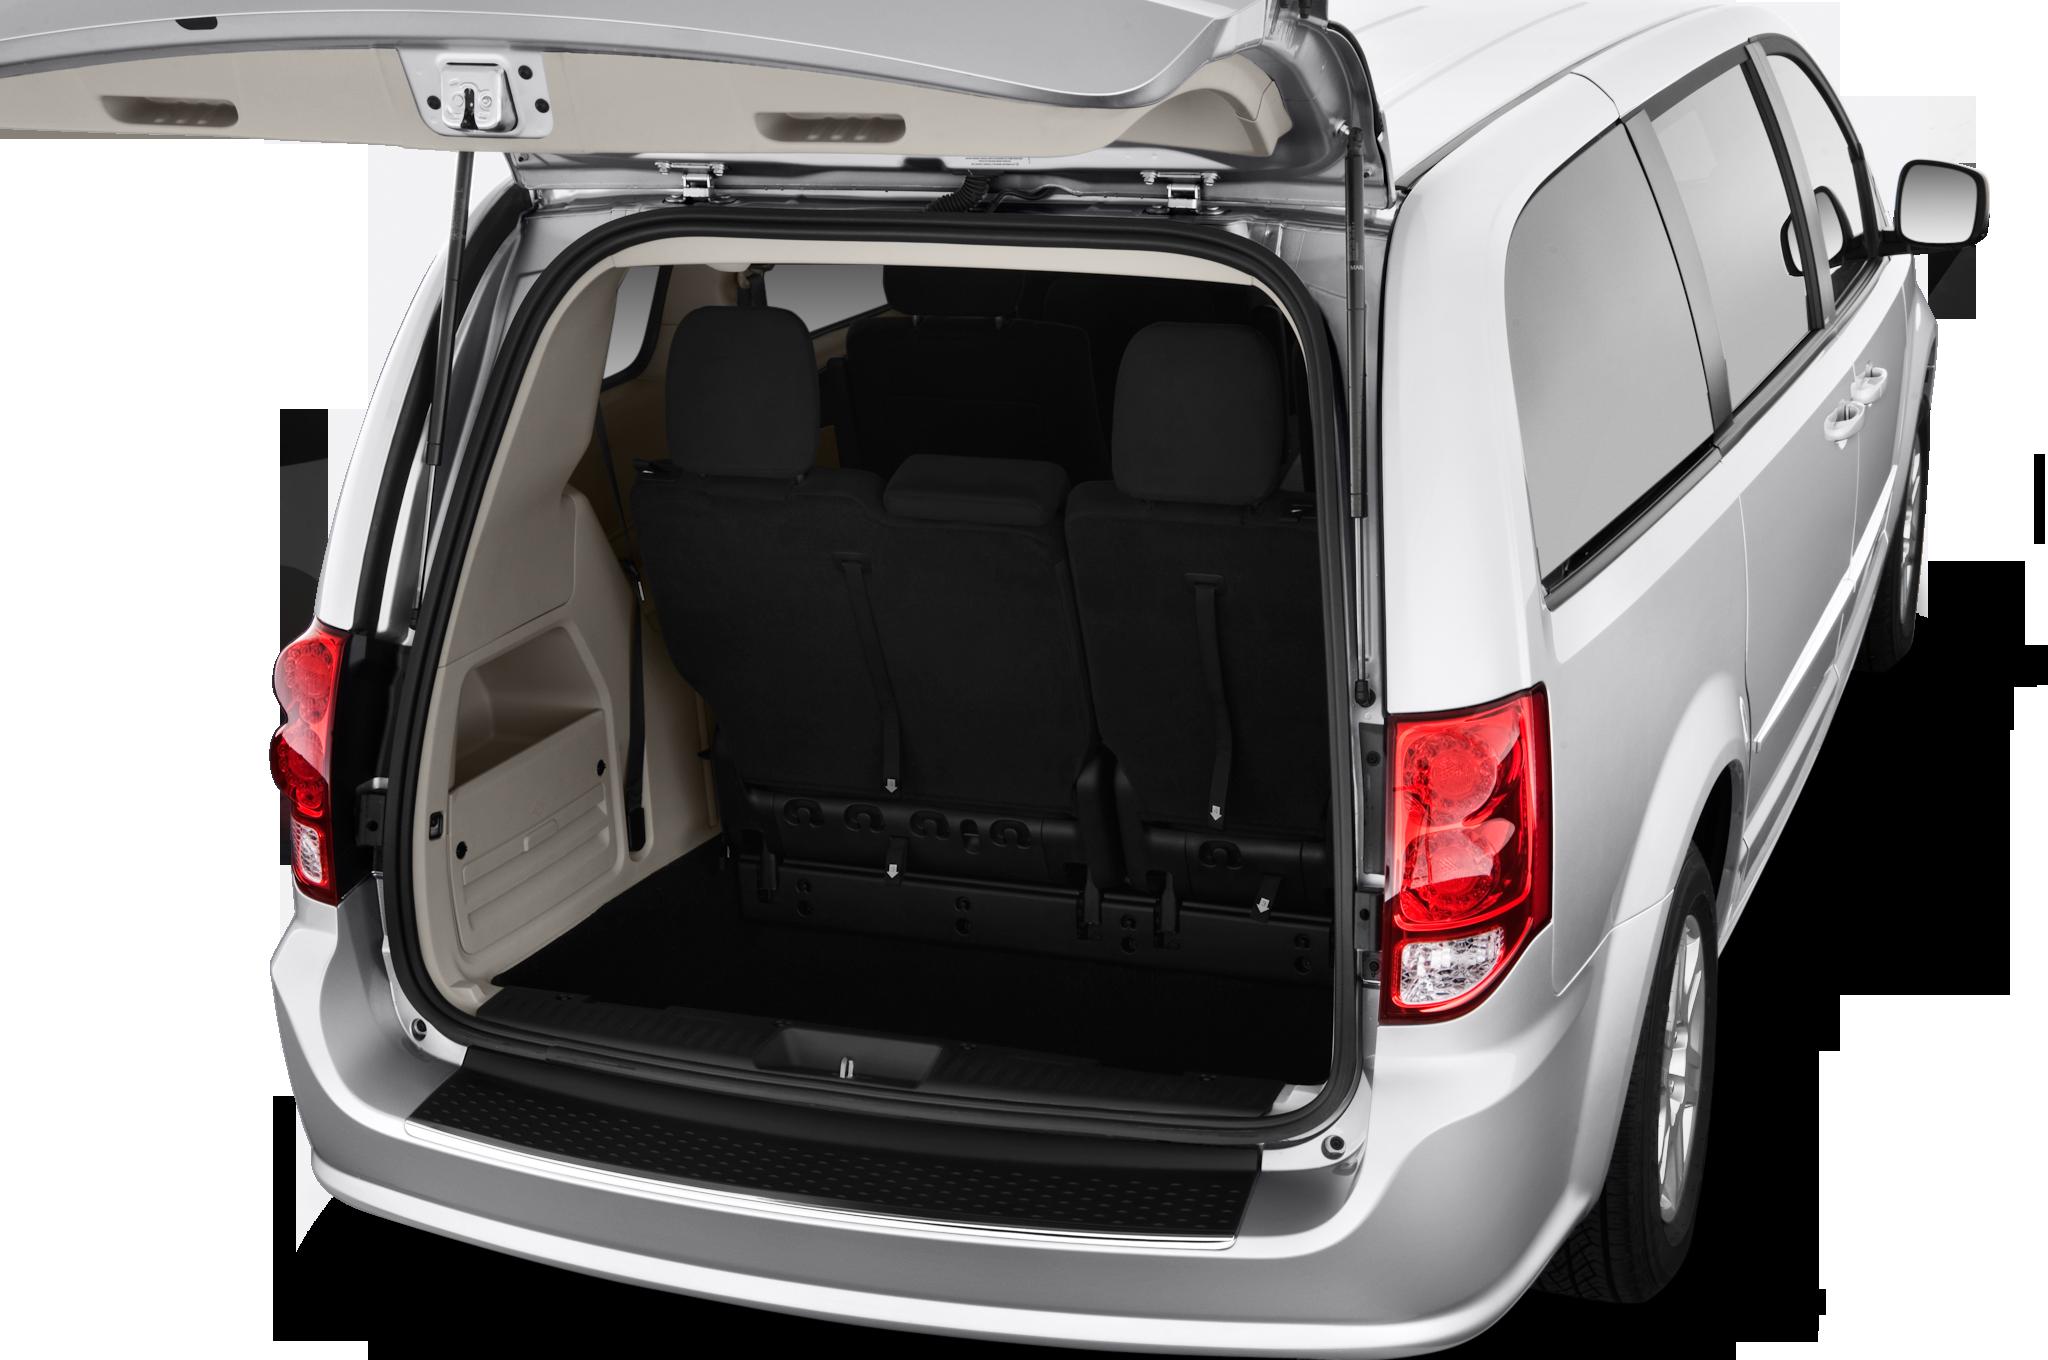 Minivan clipart van cargo. Ram brand debuts grand